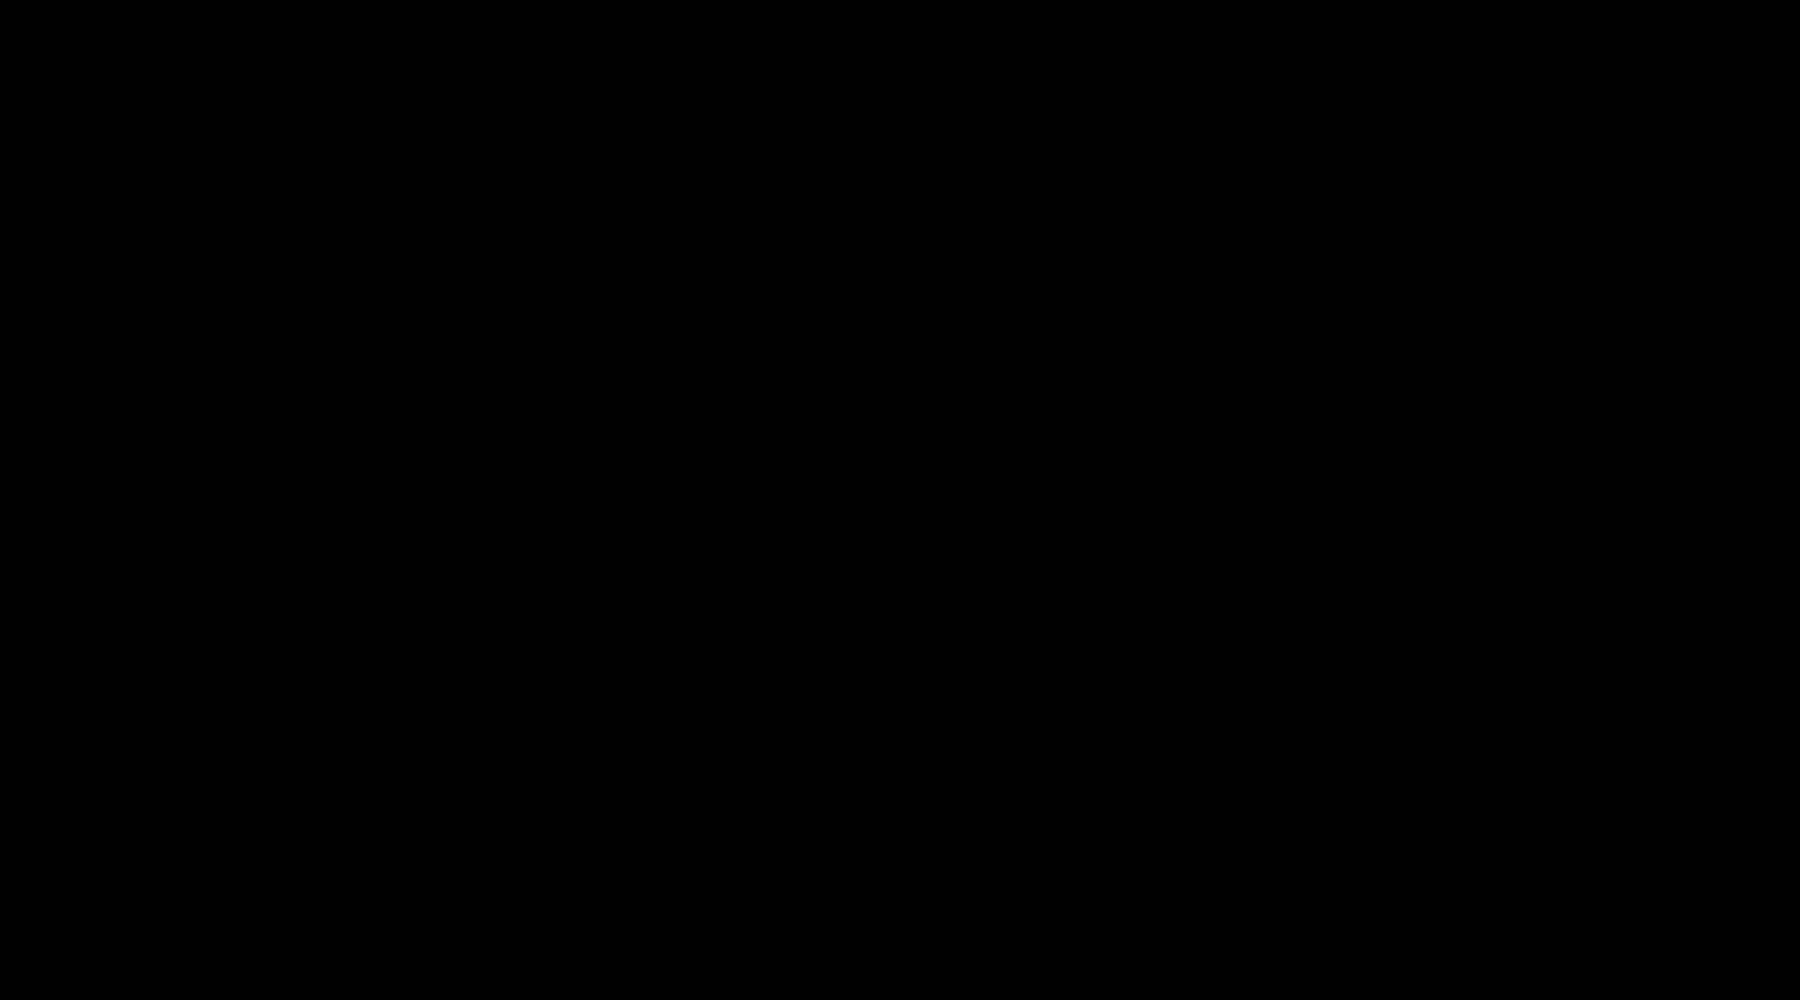 CONCEPTOS-01